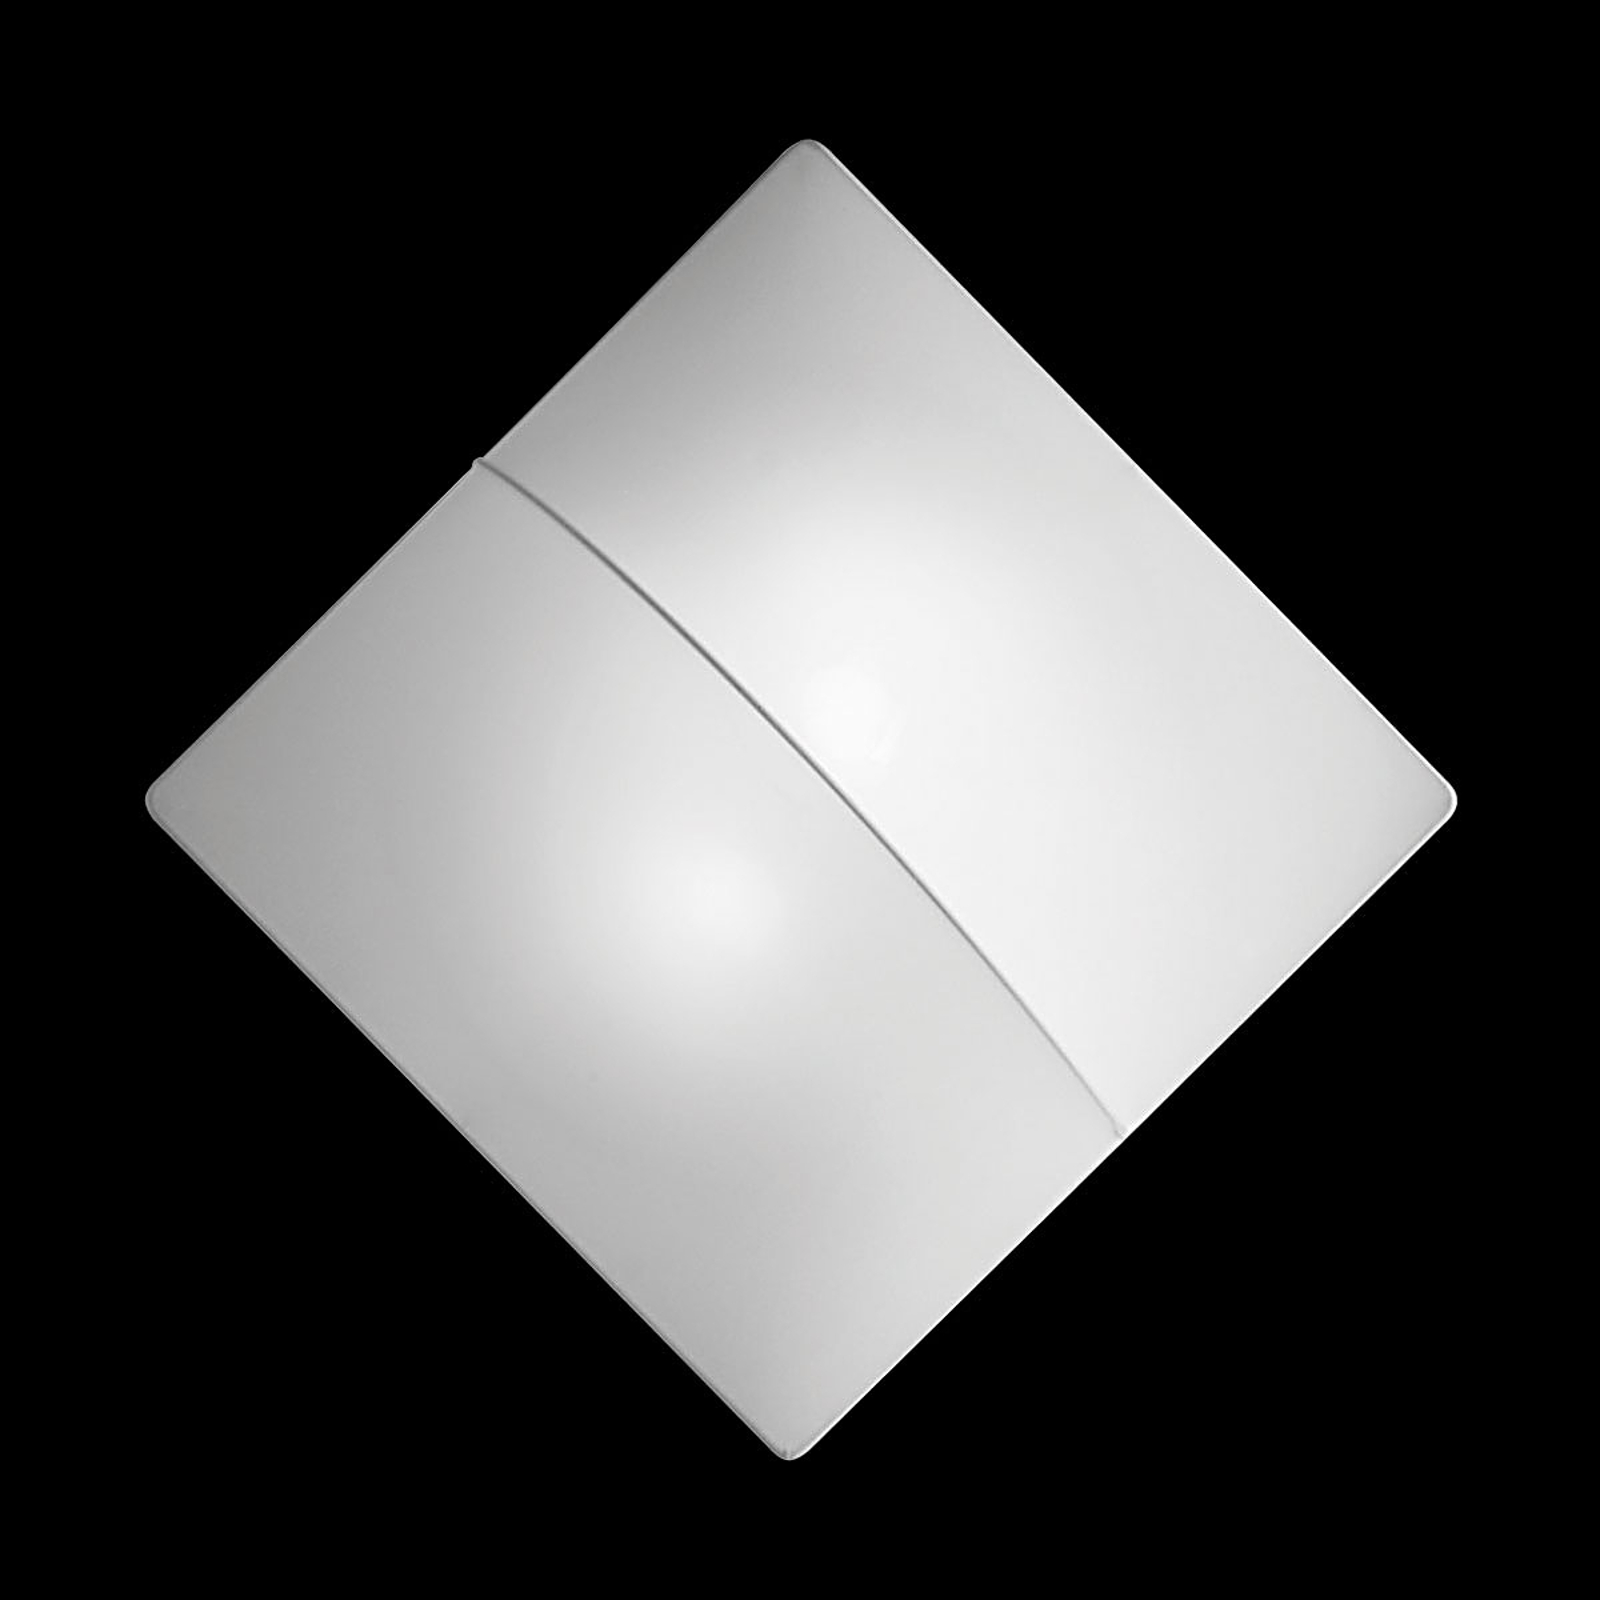 Nelly S - kvadratisk vägglampa med tyg 60cm